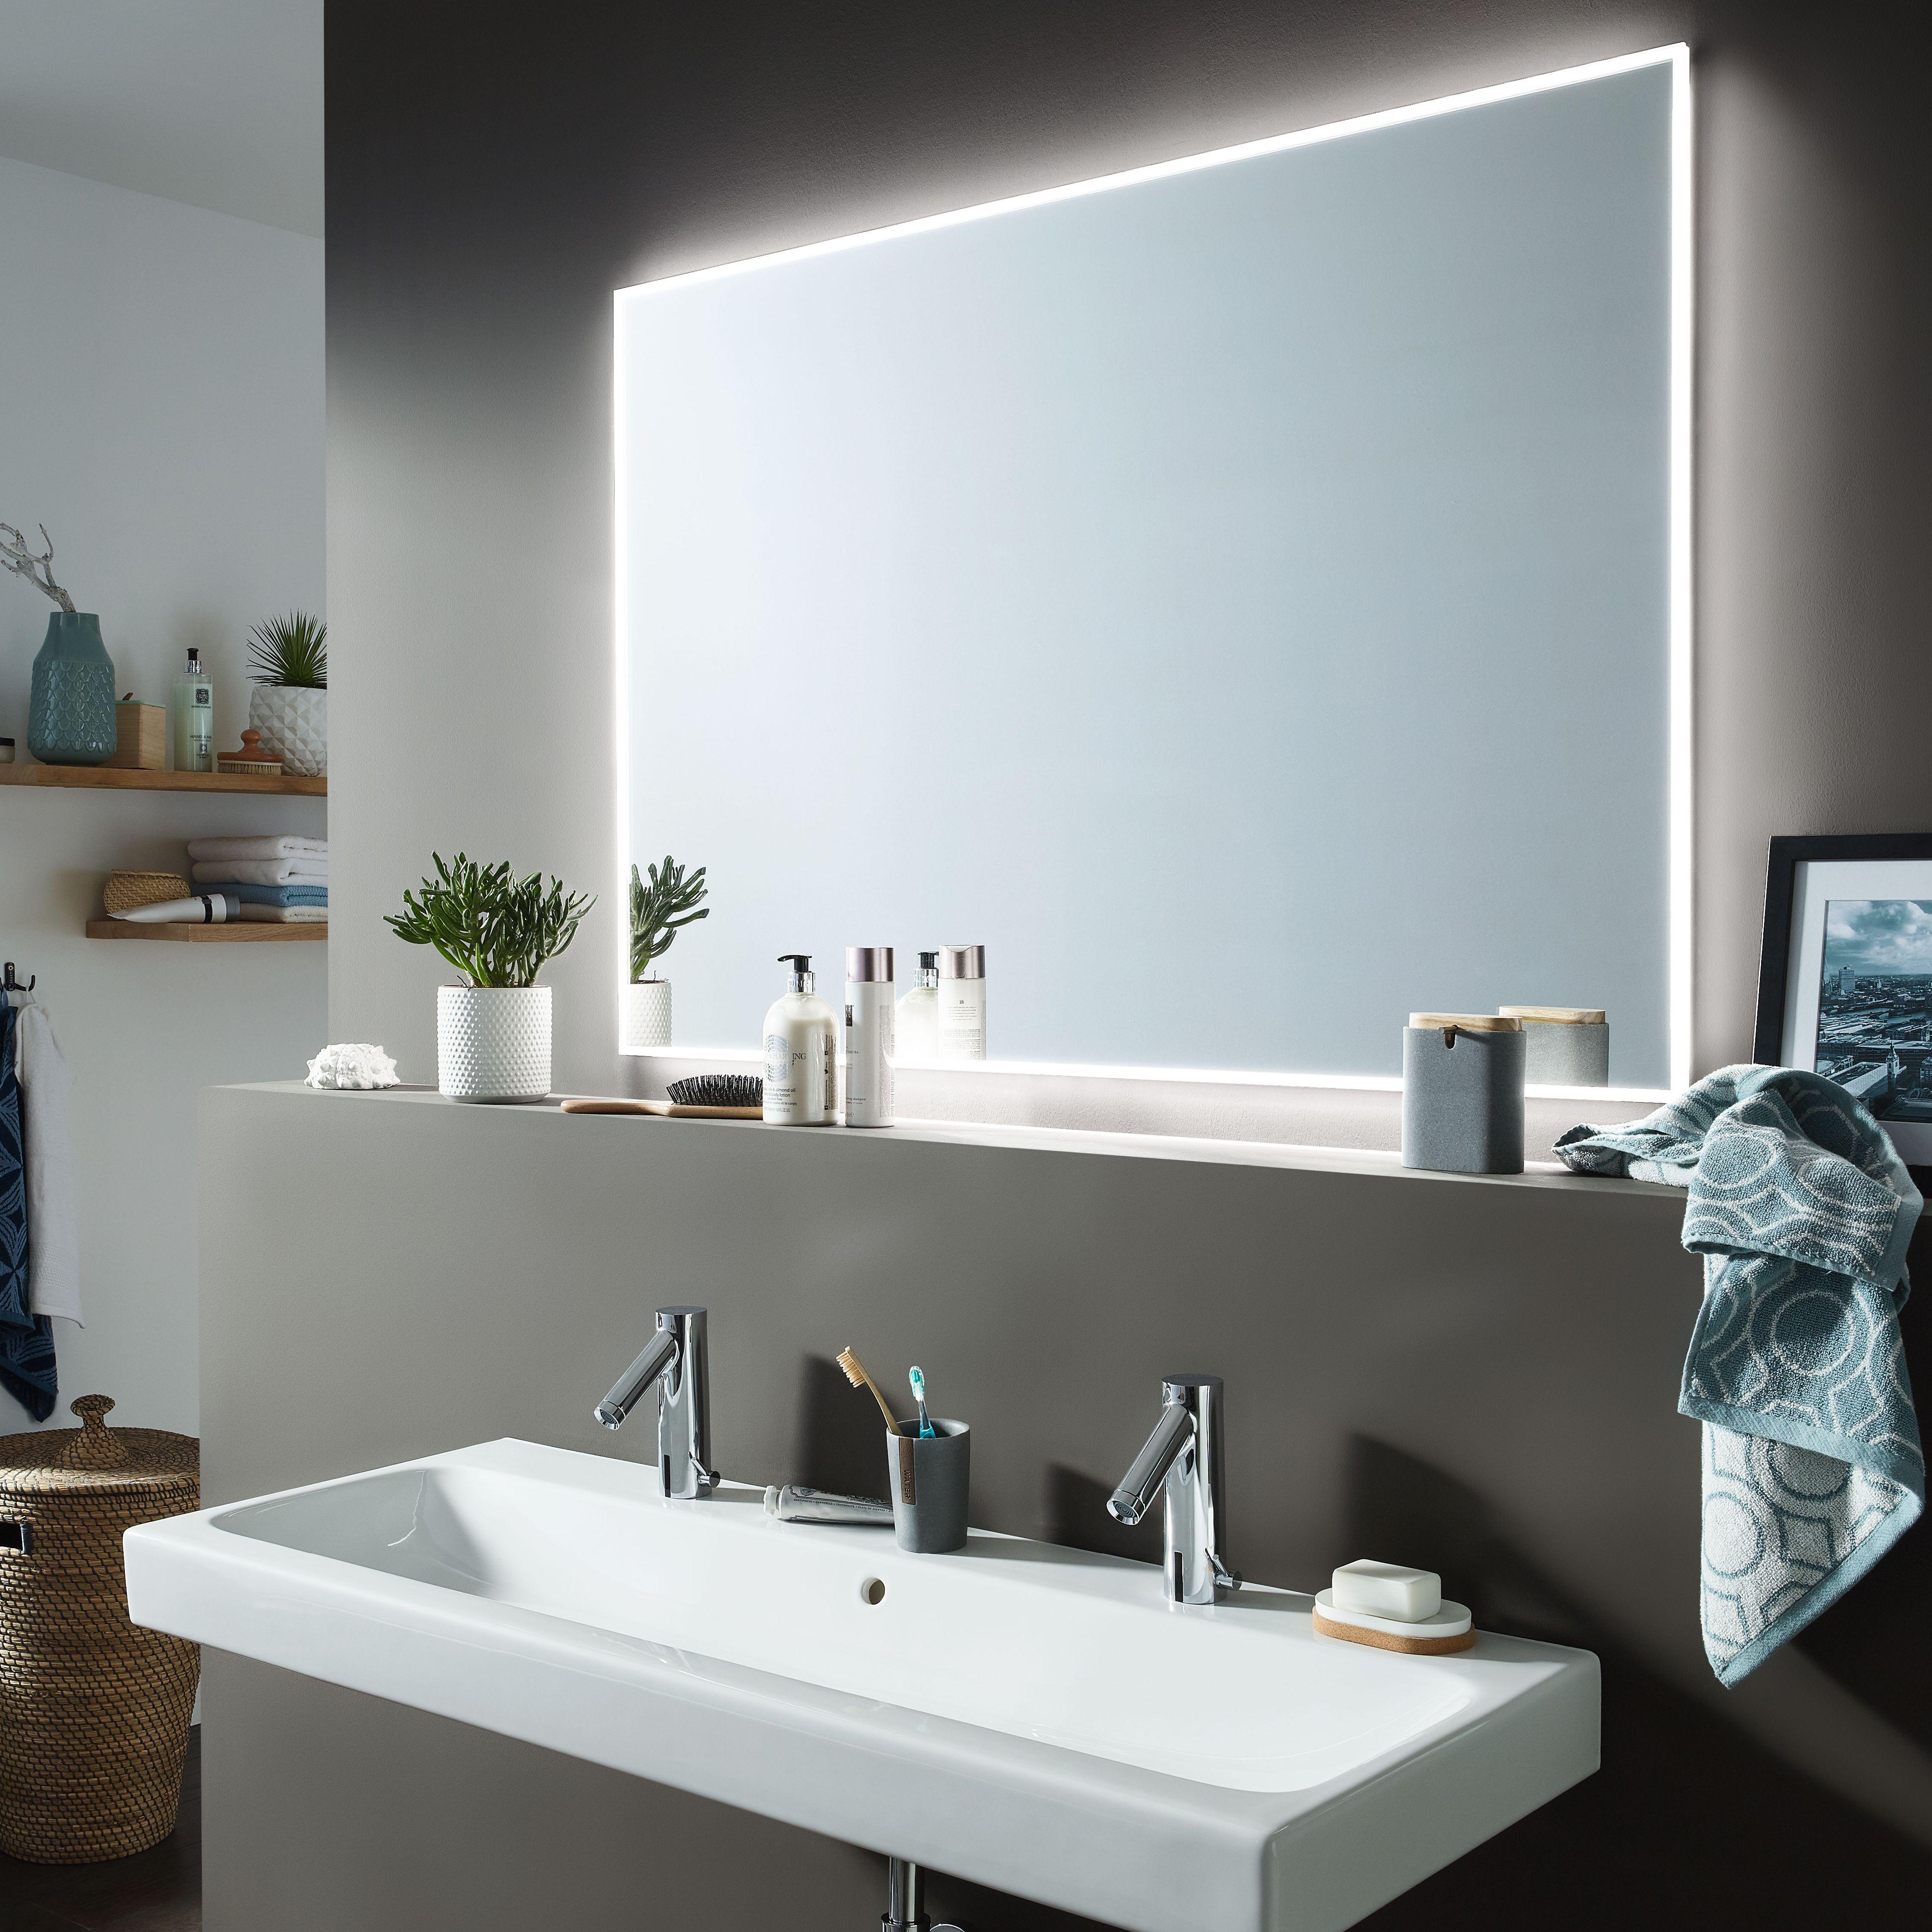 Glanzender Blickfang Im Bad Der Smartline Flachenspiegel Macht Es Moglich Der Flache Aufbau Garantiert Eine Elegante Opt In 2020 Badspiegel Led Badgestaltung Spiegel